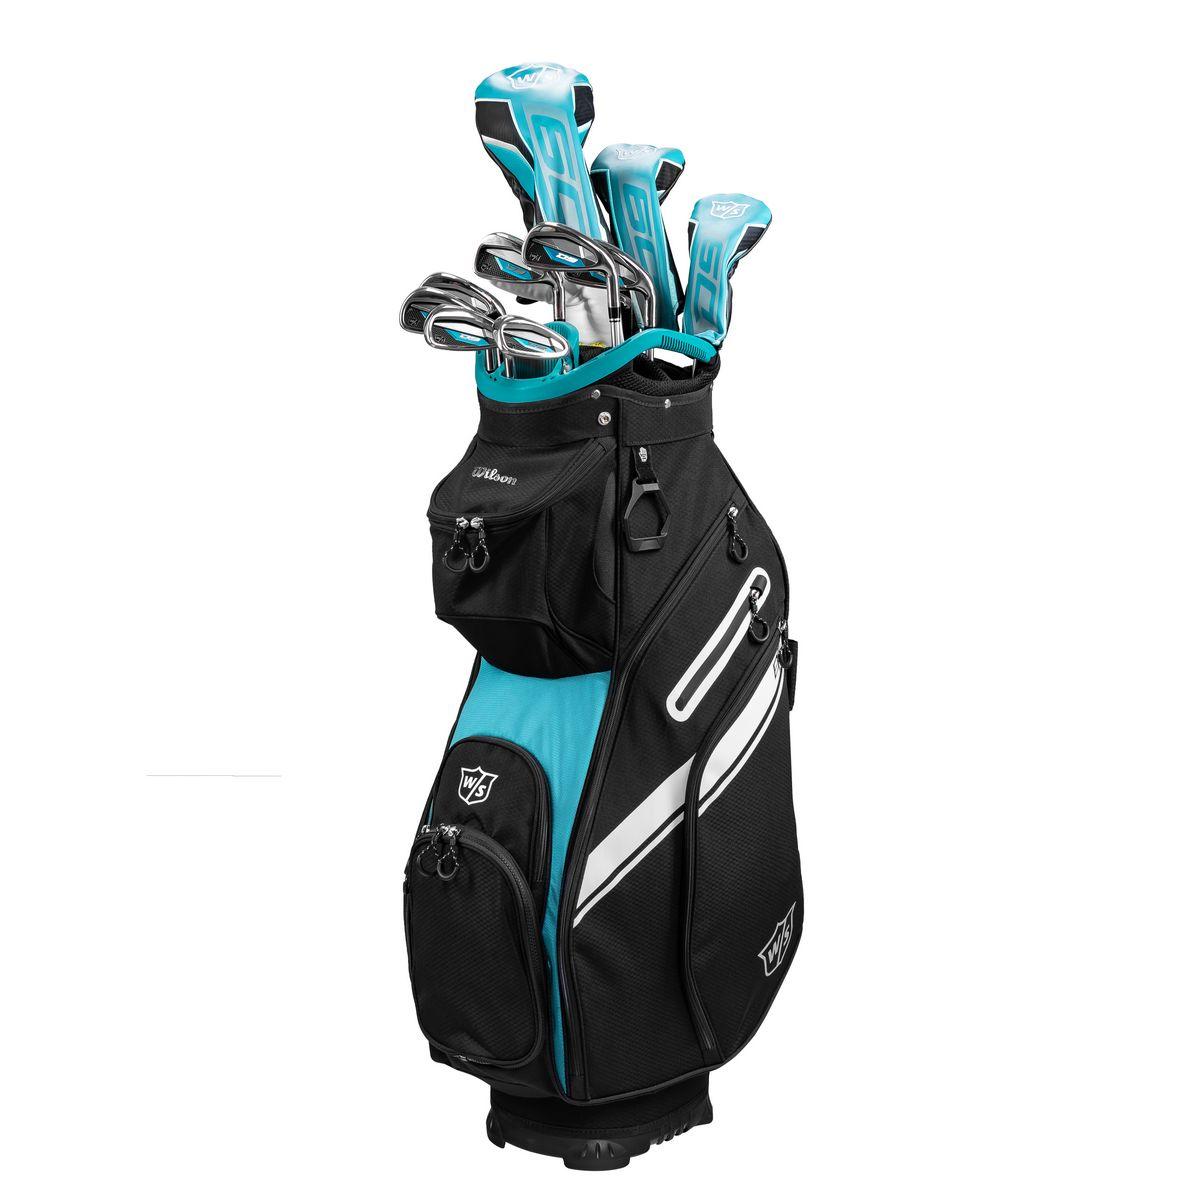 zestaw golfowy damski wilson czy będzie odpowiedni dla początkującej golfistki